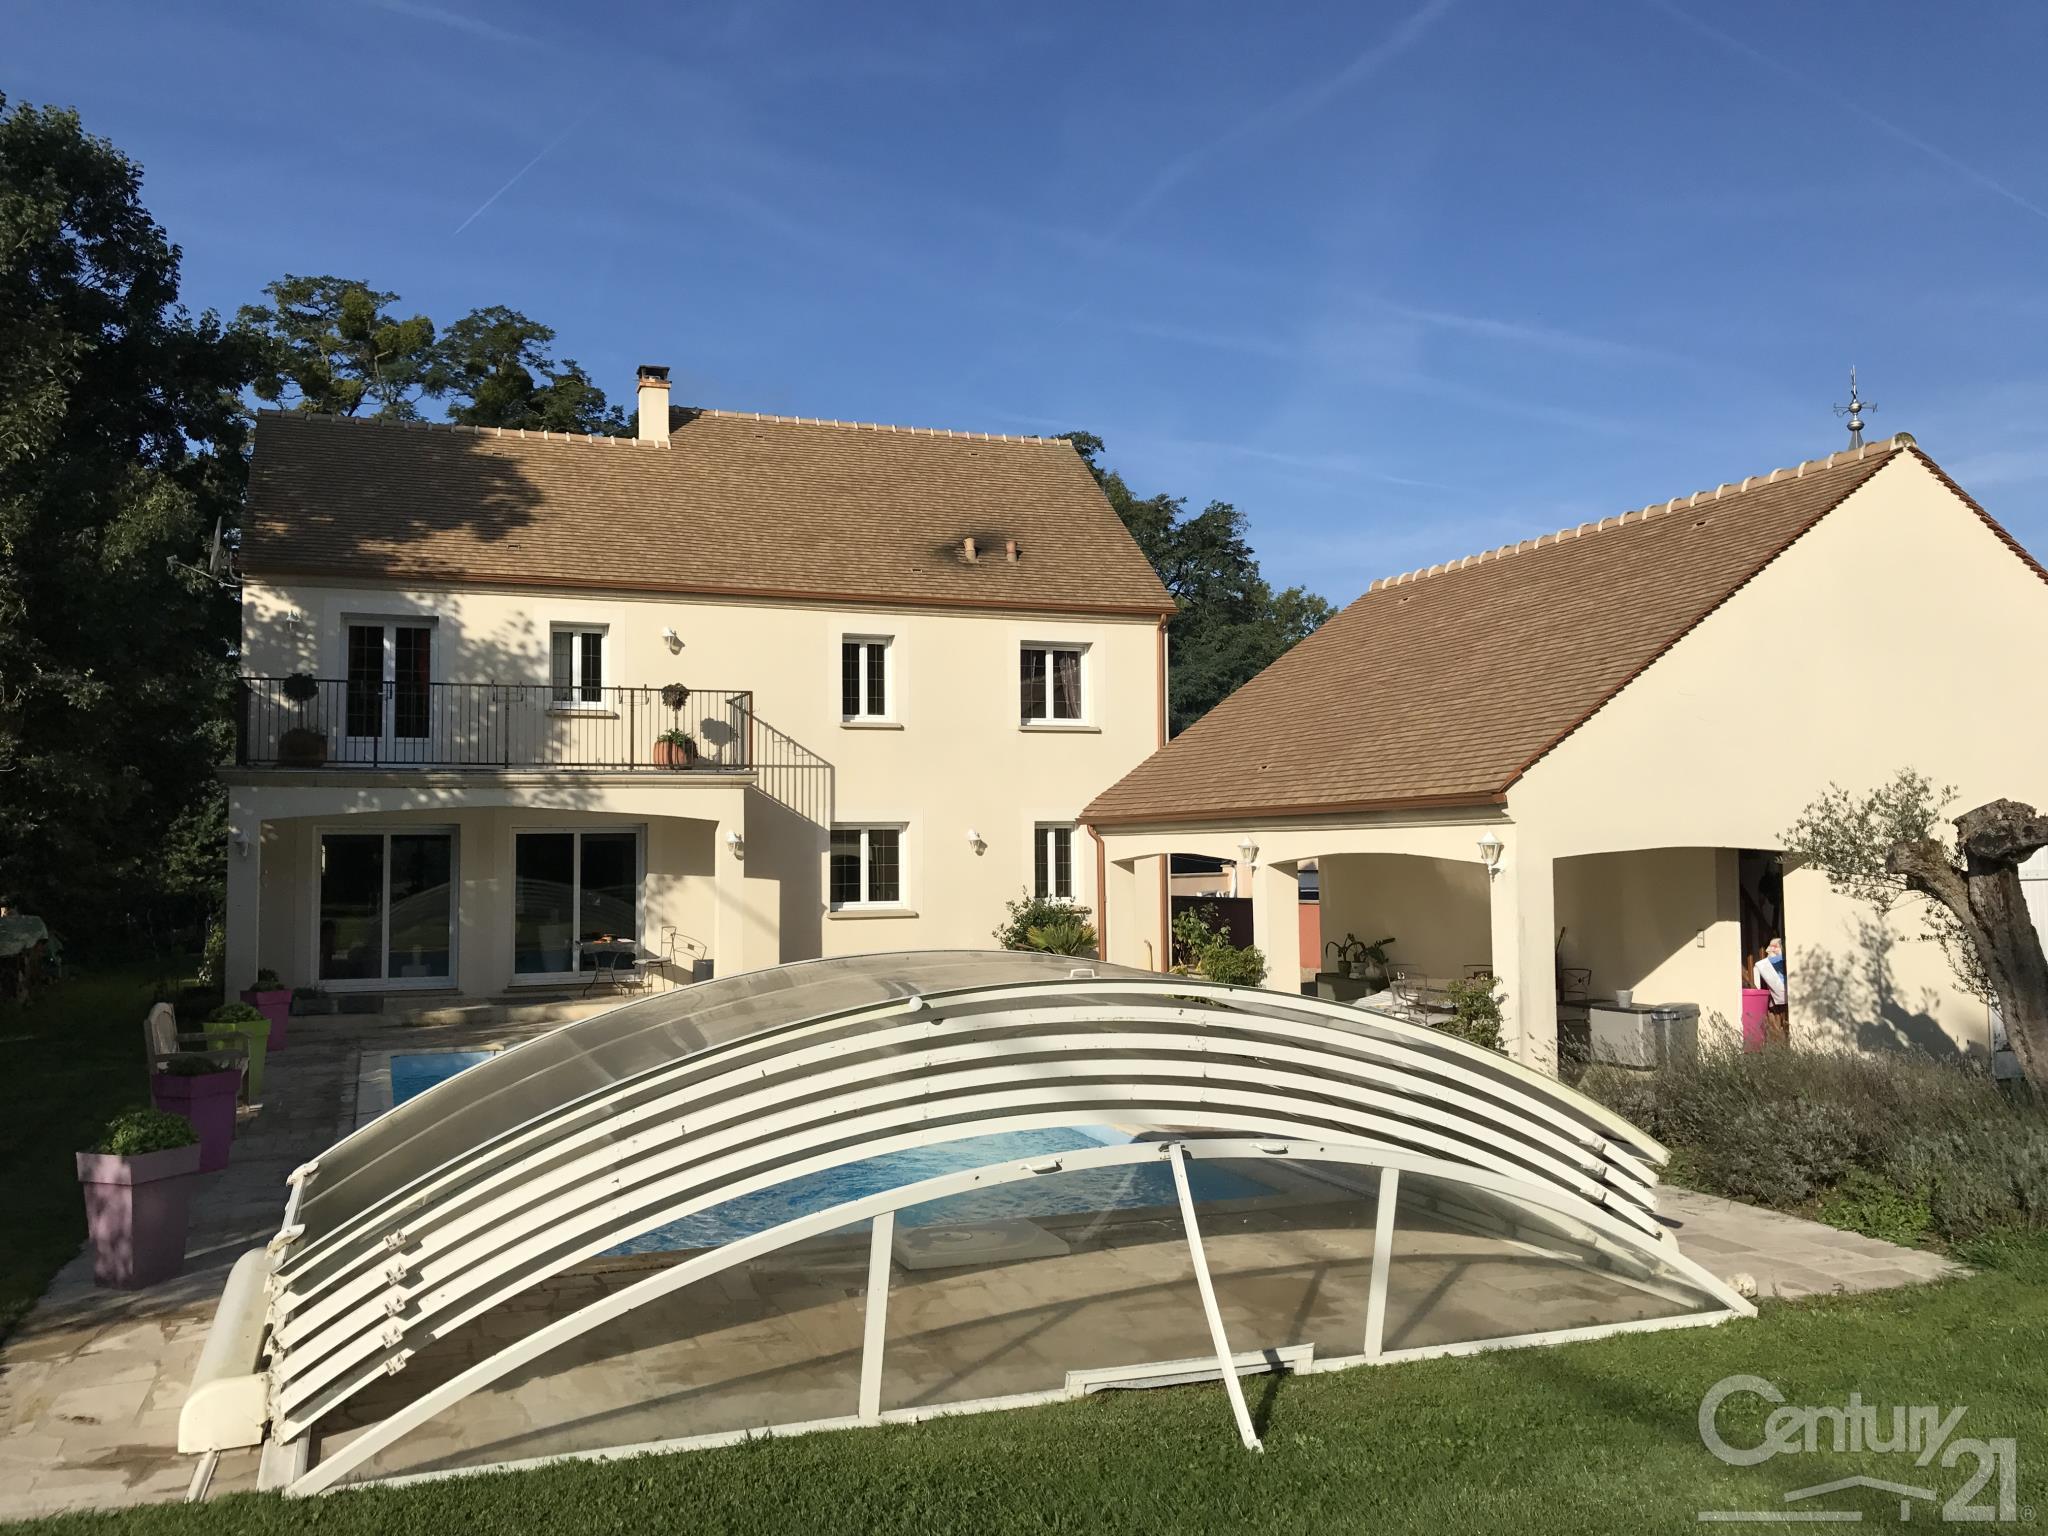 Maisons ile de france stunning vente maison le bourget for Achat maison neuve ile de france